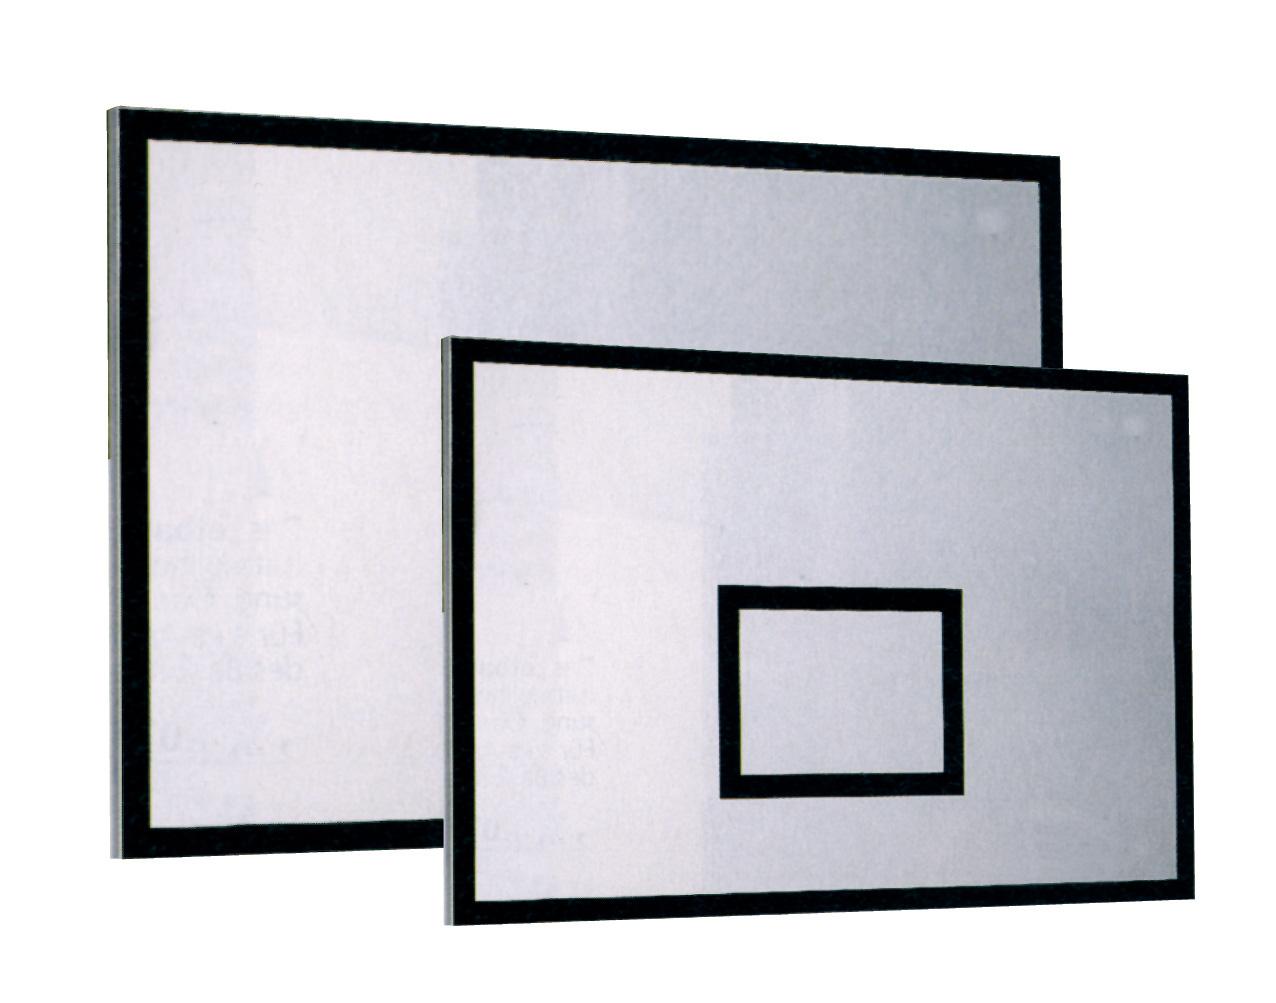 bc0900-52(5).jpg